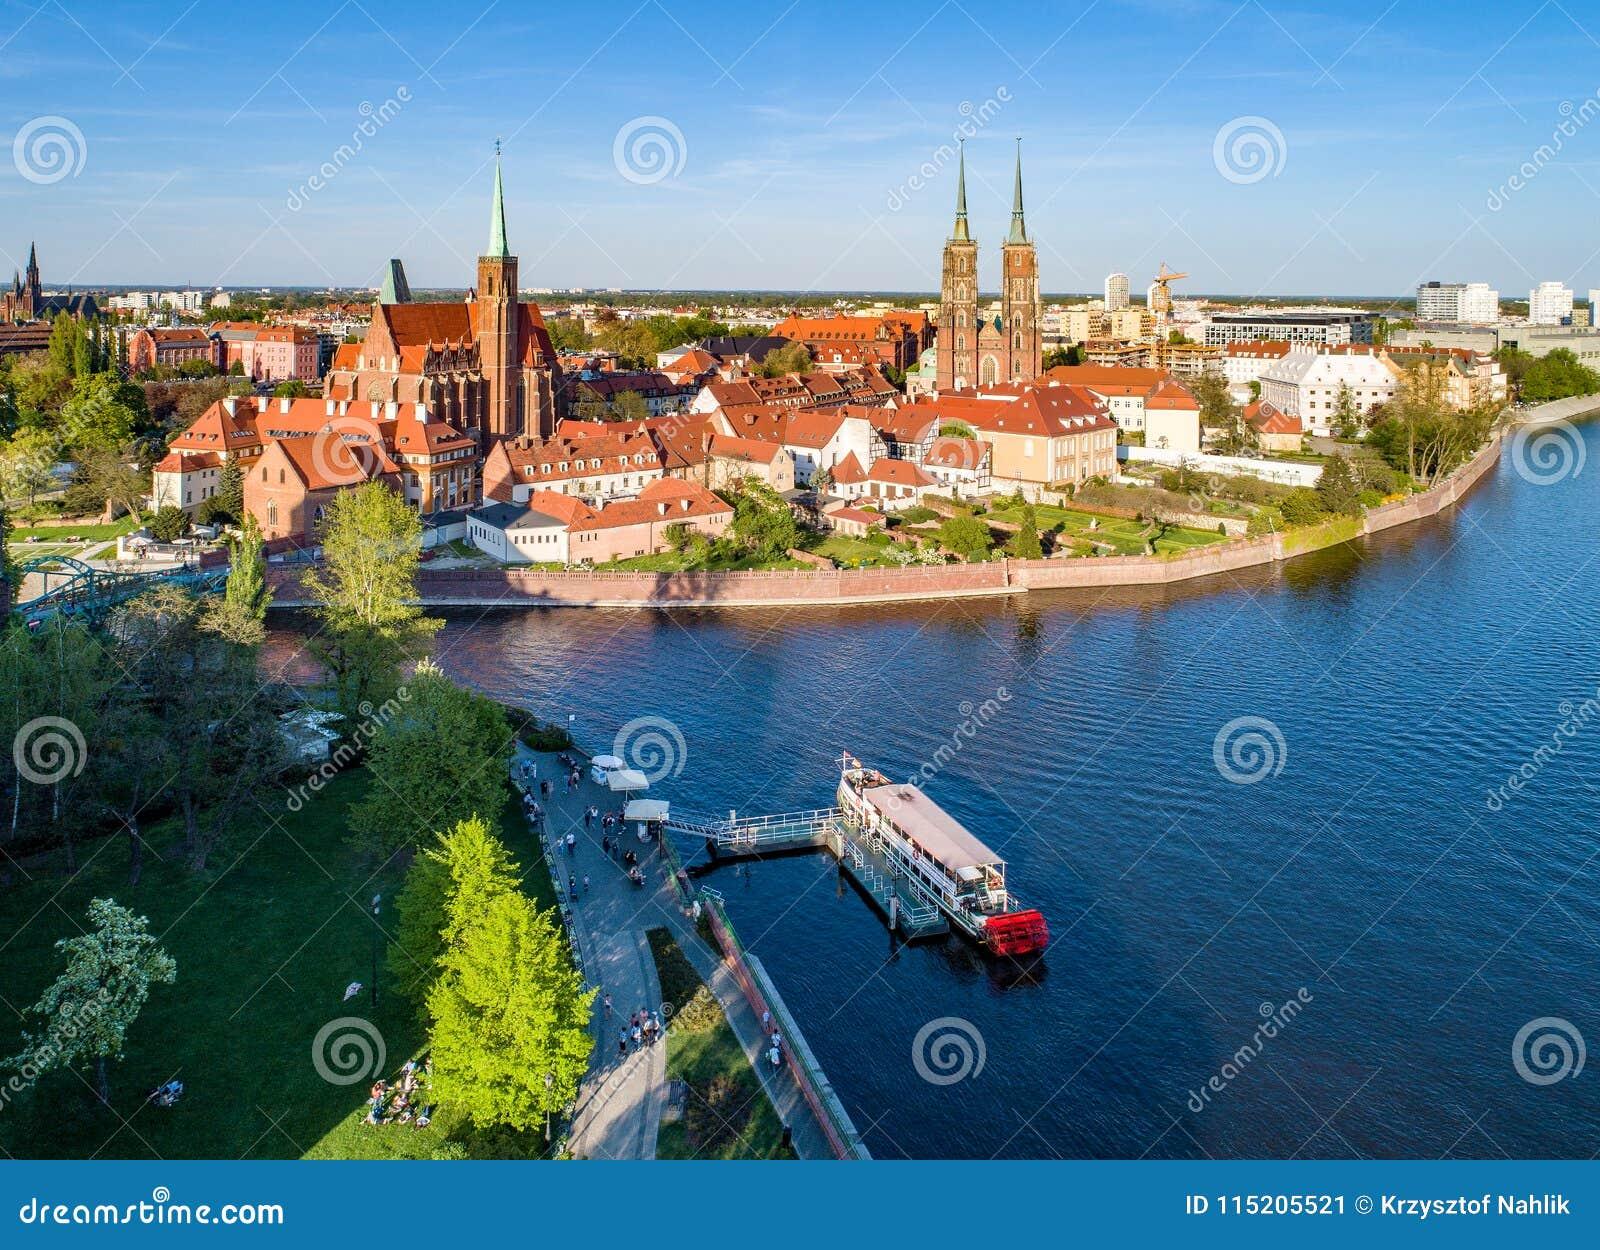 Wroclaw, Polen Ostrow Tumski met gotische kathedraal en kerk